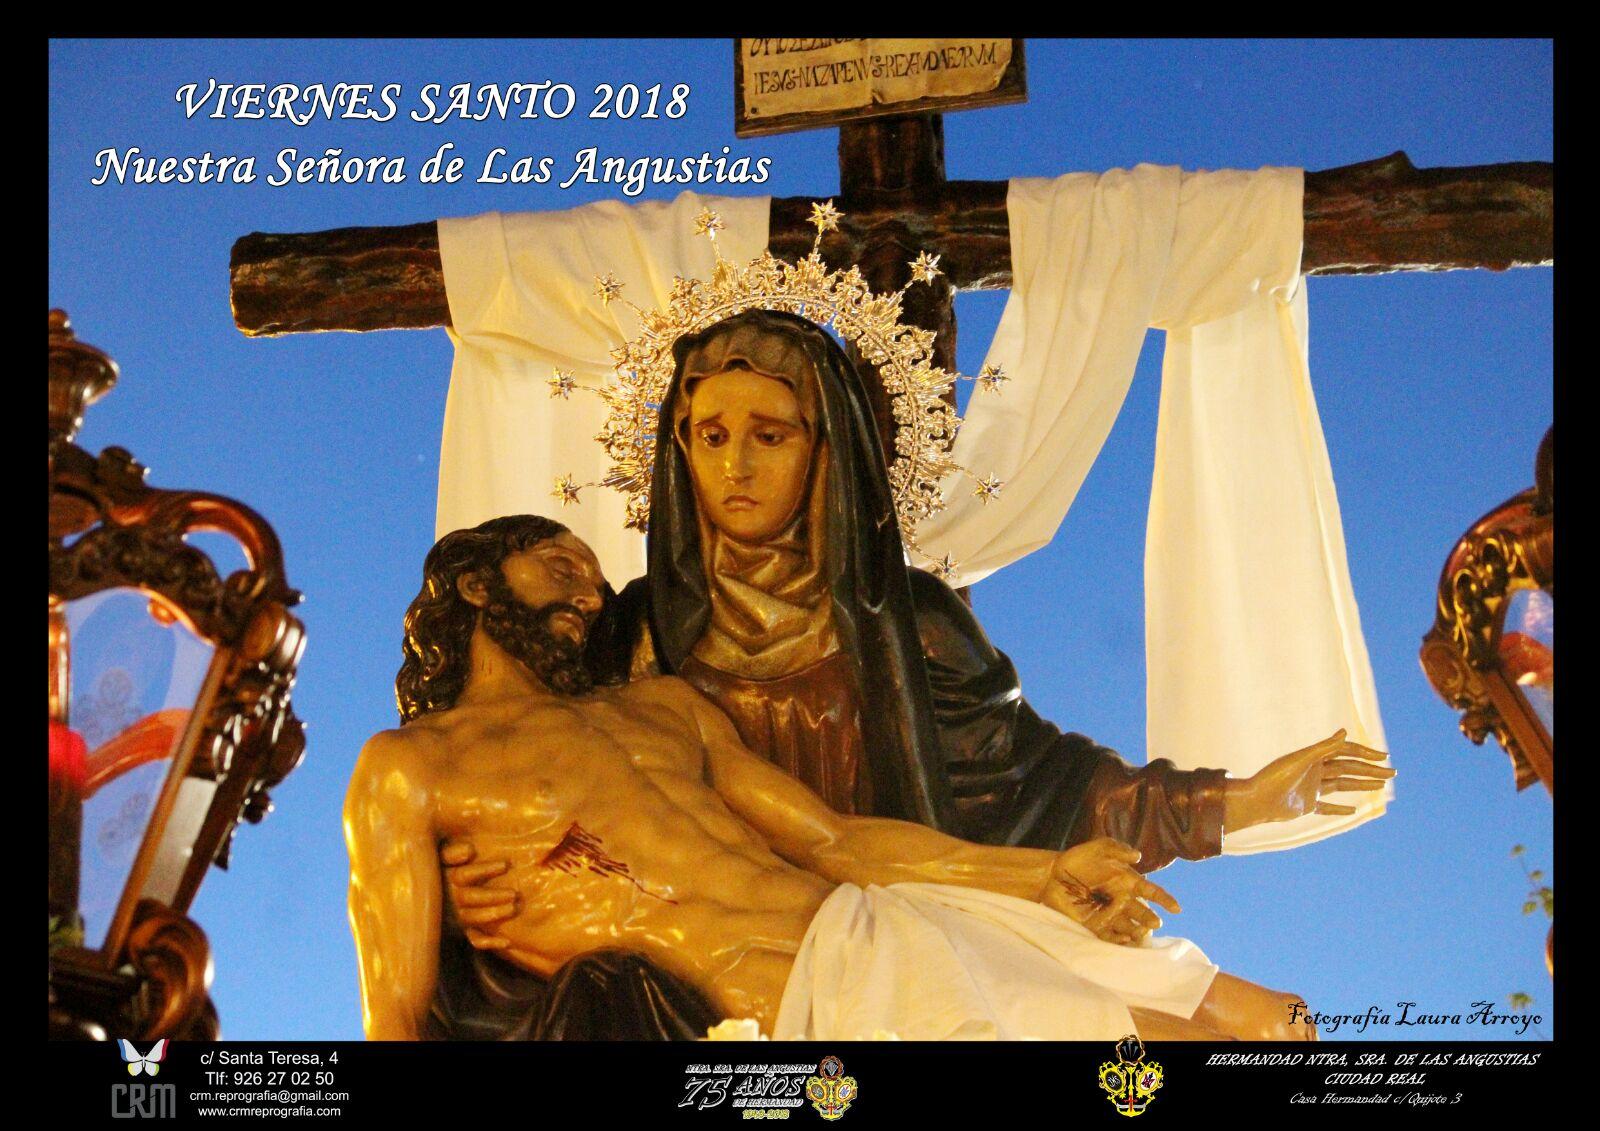 1º Premio y Cartel de la Hermandad de Nuestra Señora de las Angustias